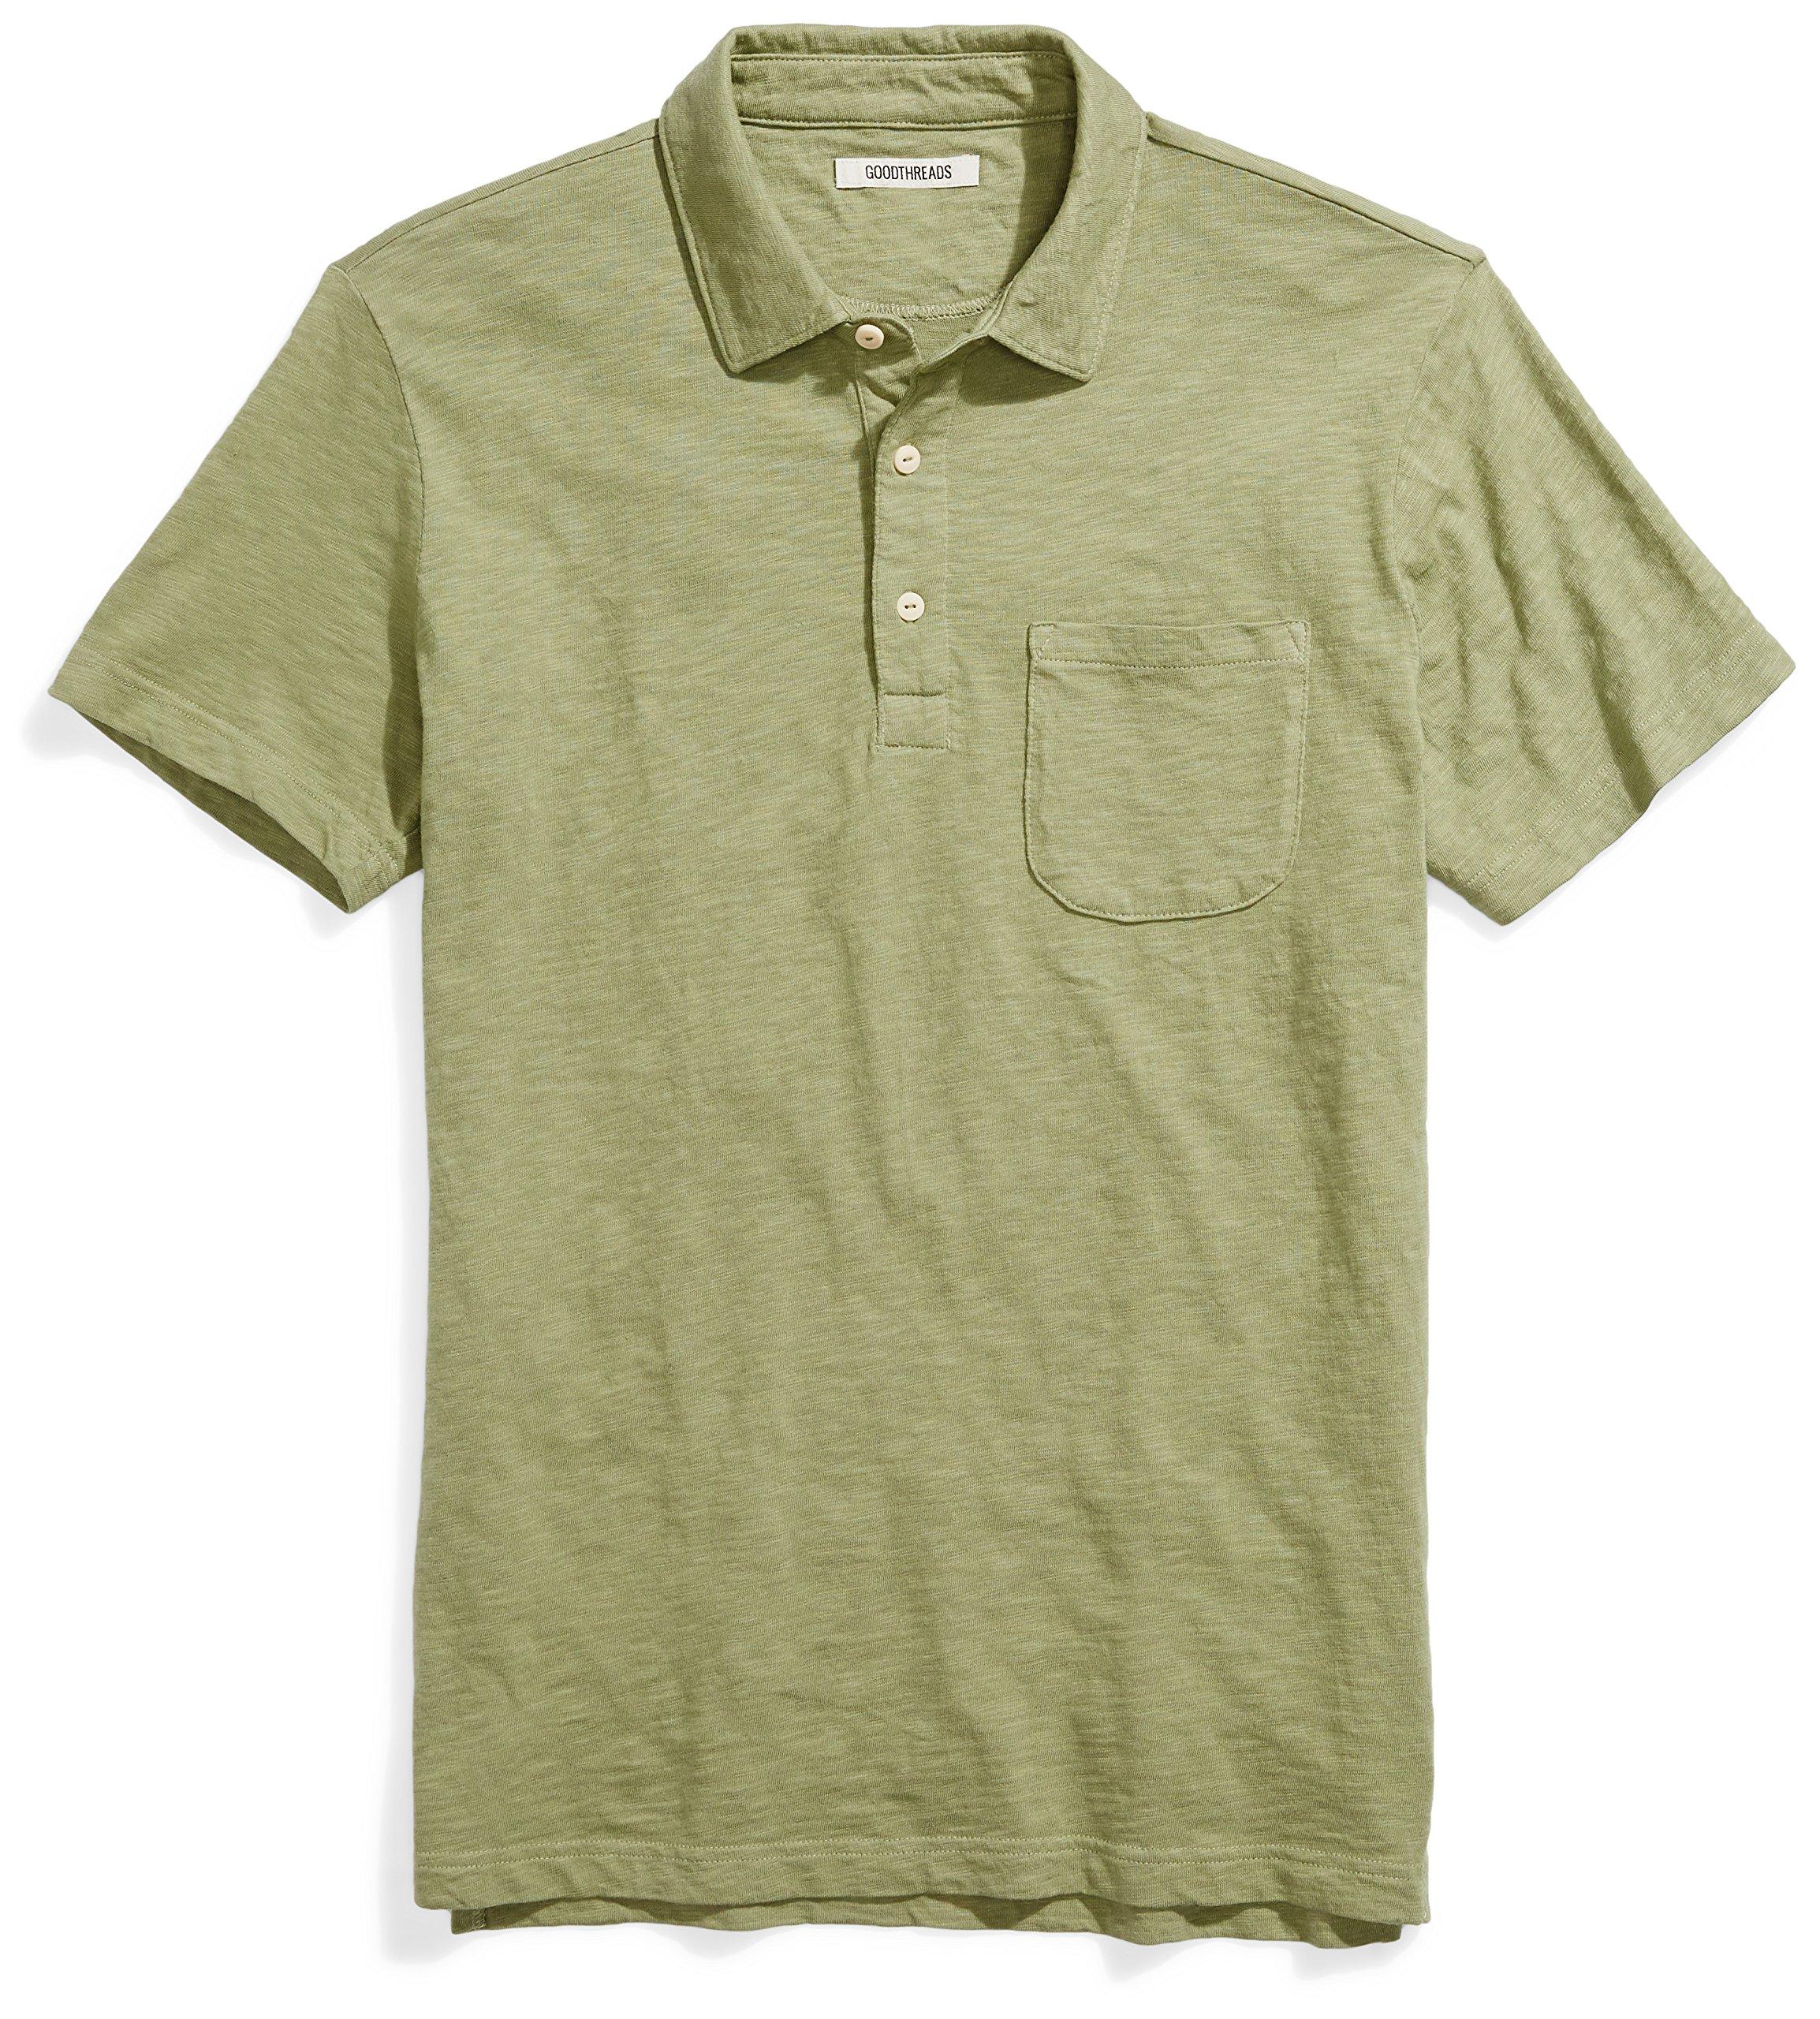 Where To Buy Polo Shirts No Collar Rldm